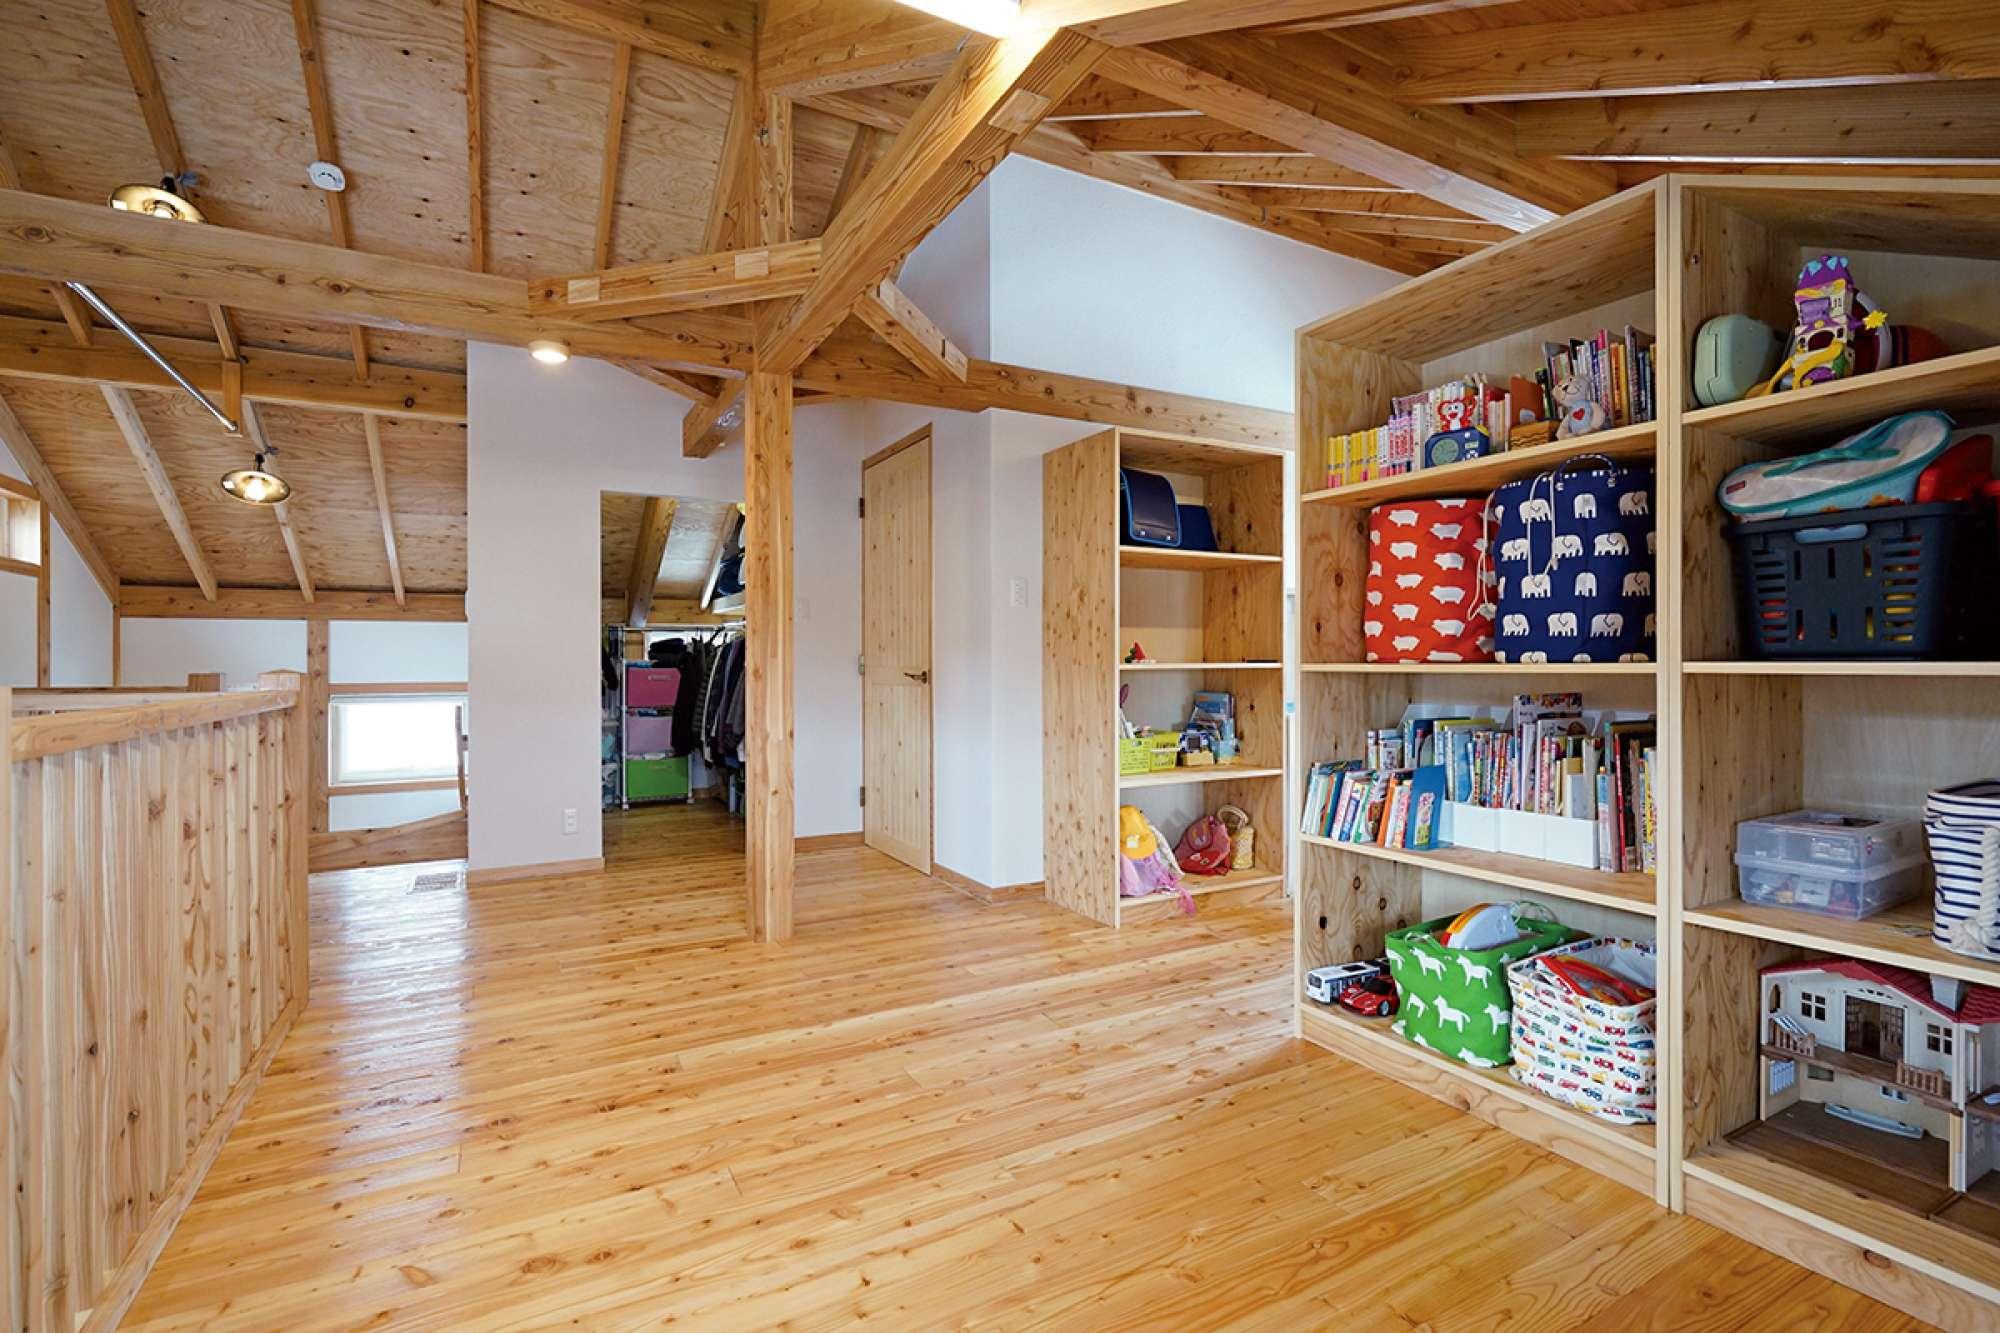 広いフリールームを右の移動式収納棚で仕切って使用 -  -  -